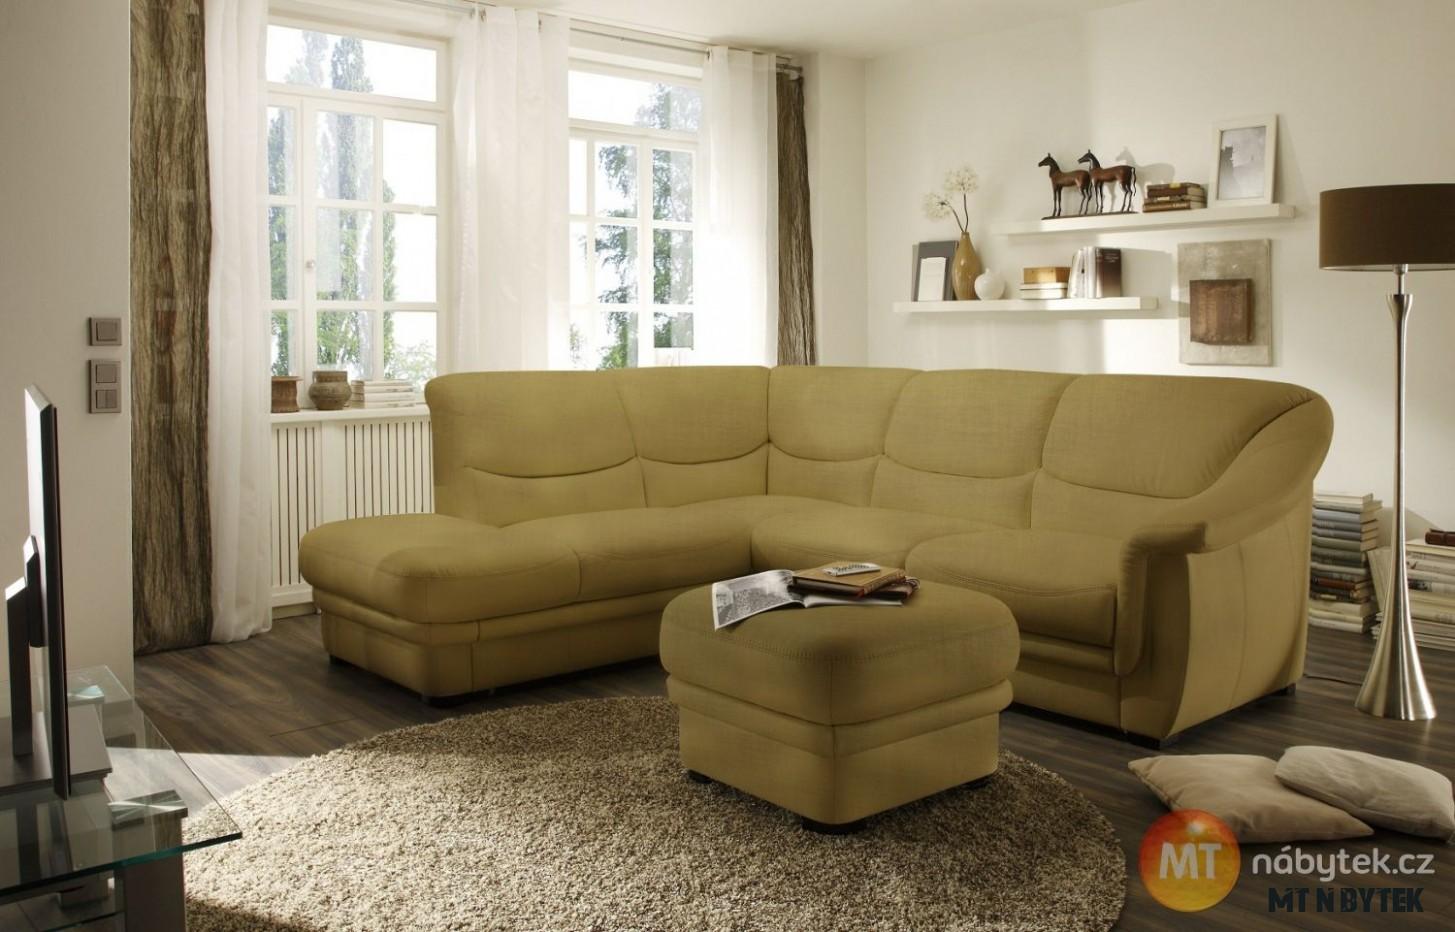 Moderní rohová sedací souprava Valeriano s taburetem  Furniture